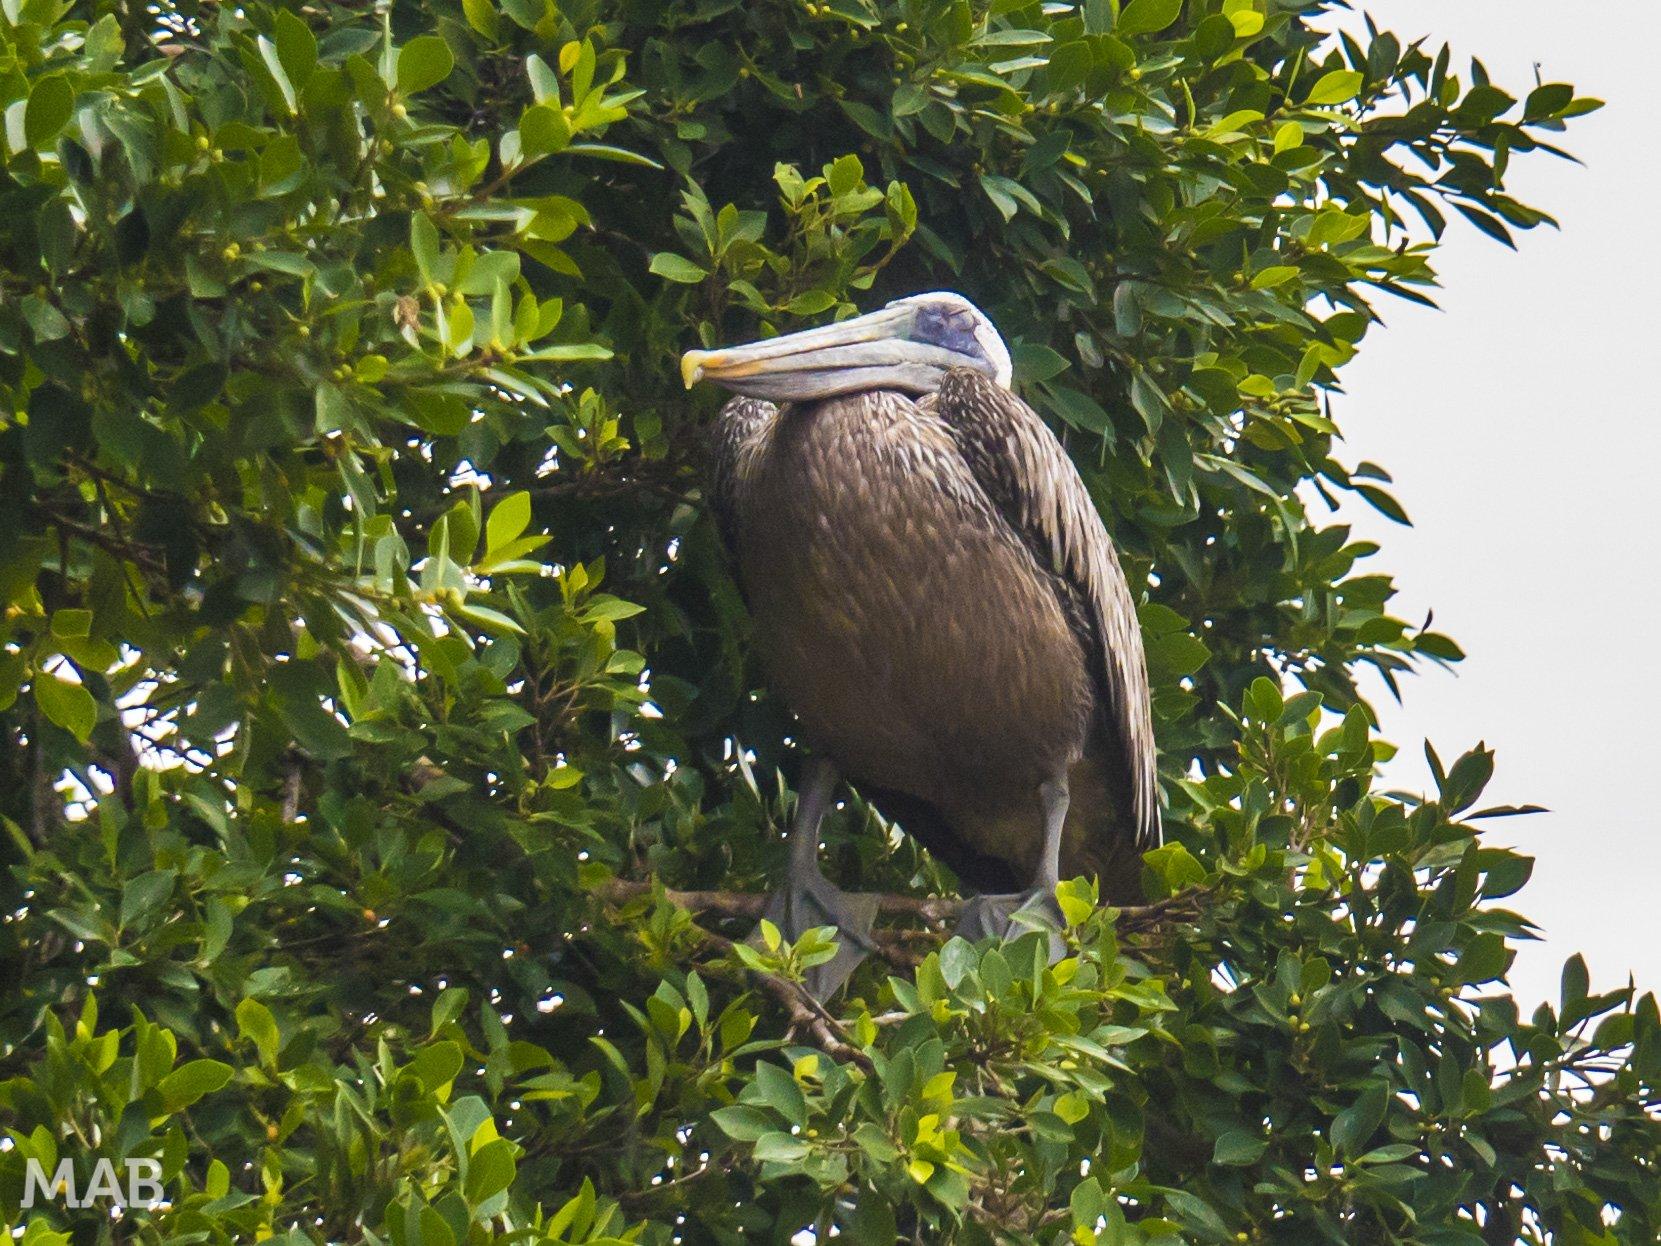 Pelican in a Tree